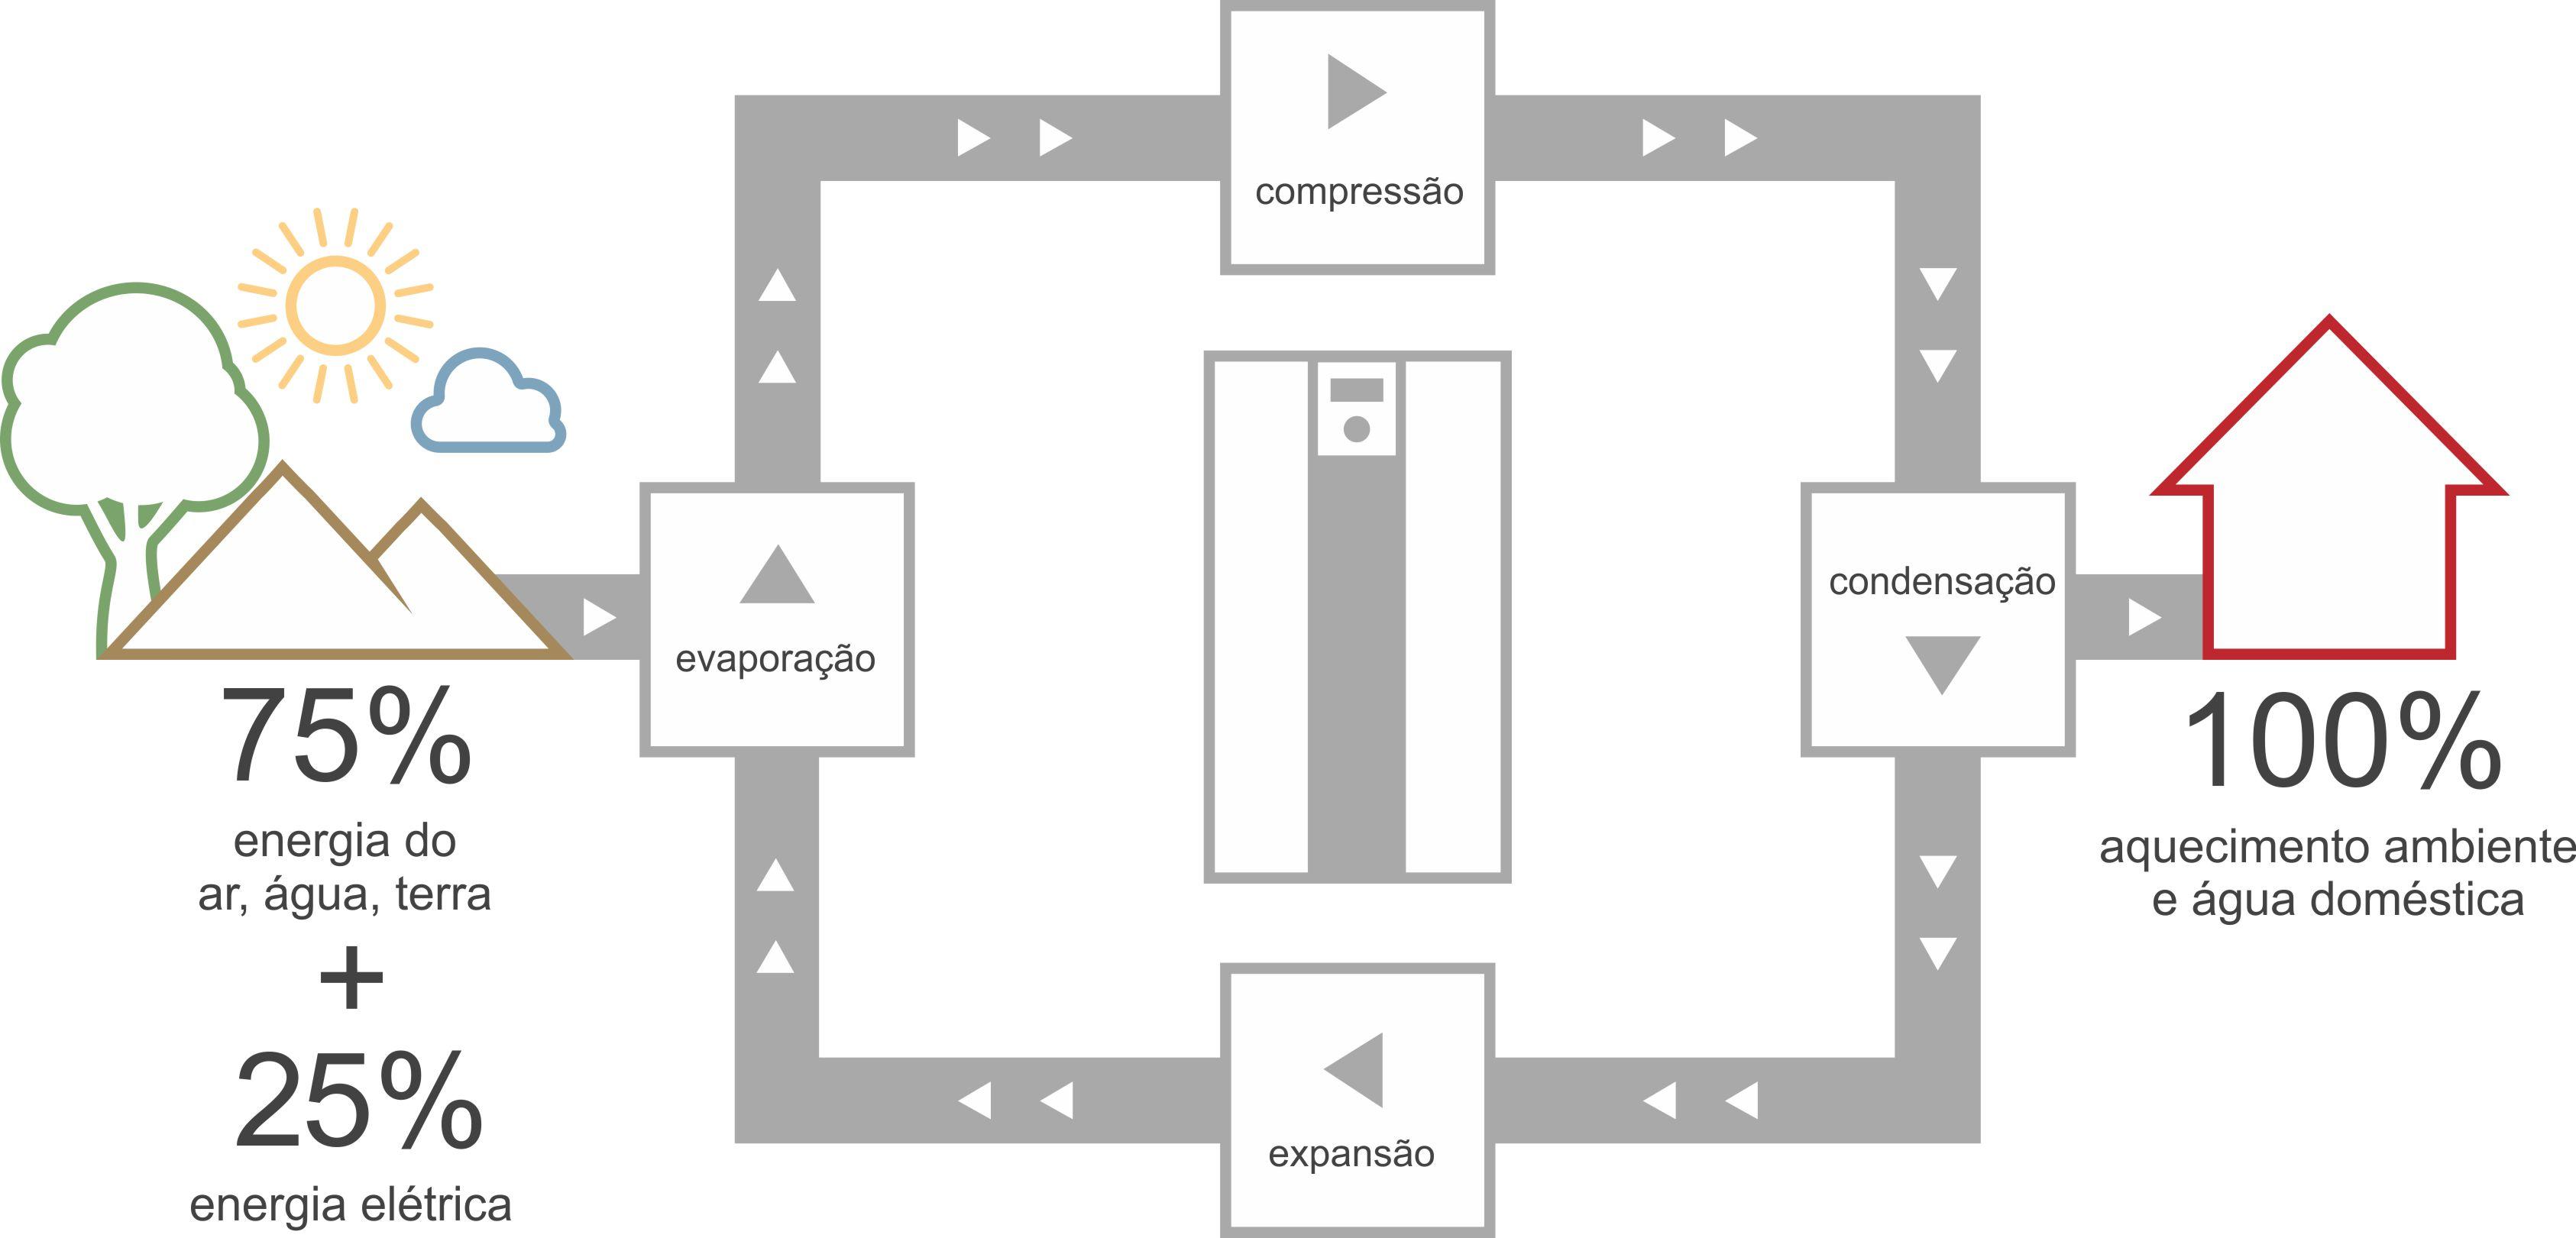 principio de funcionamento da bomba de calor